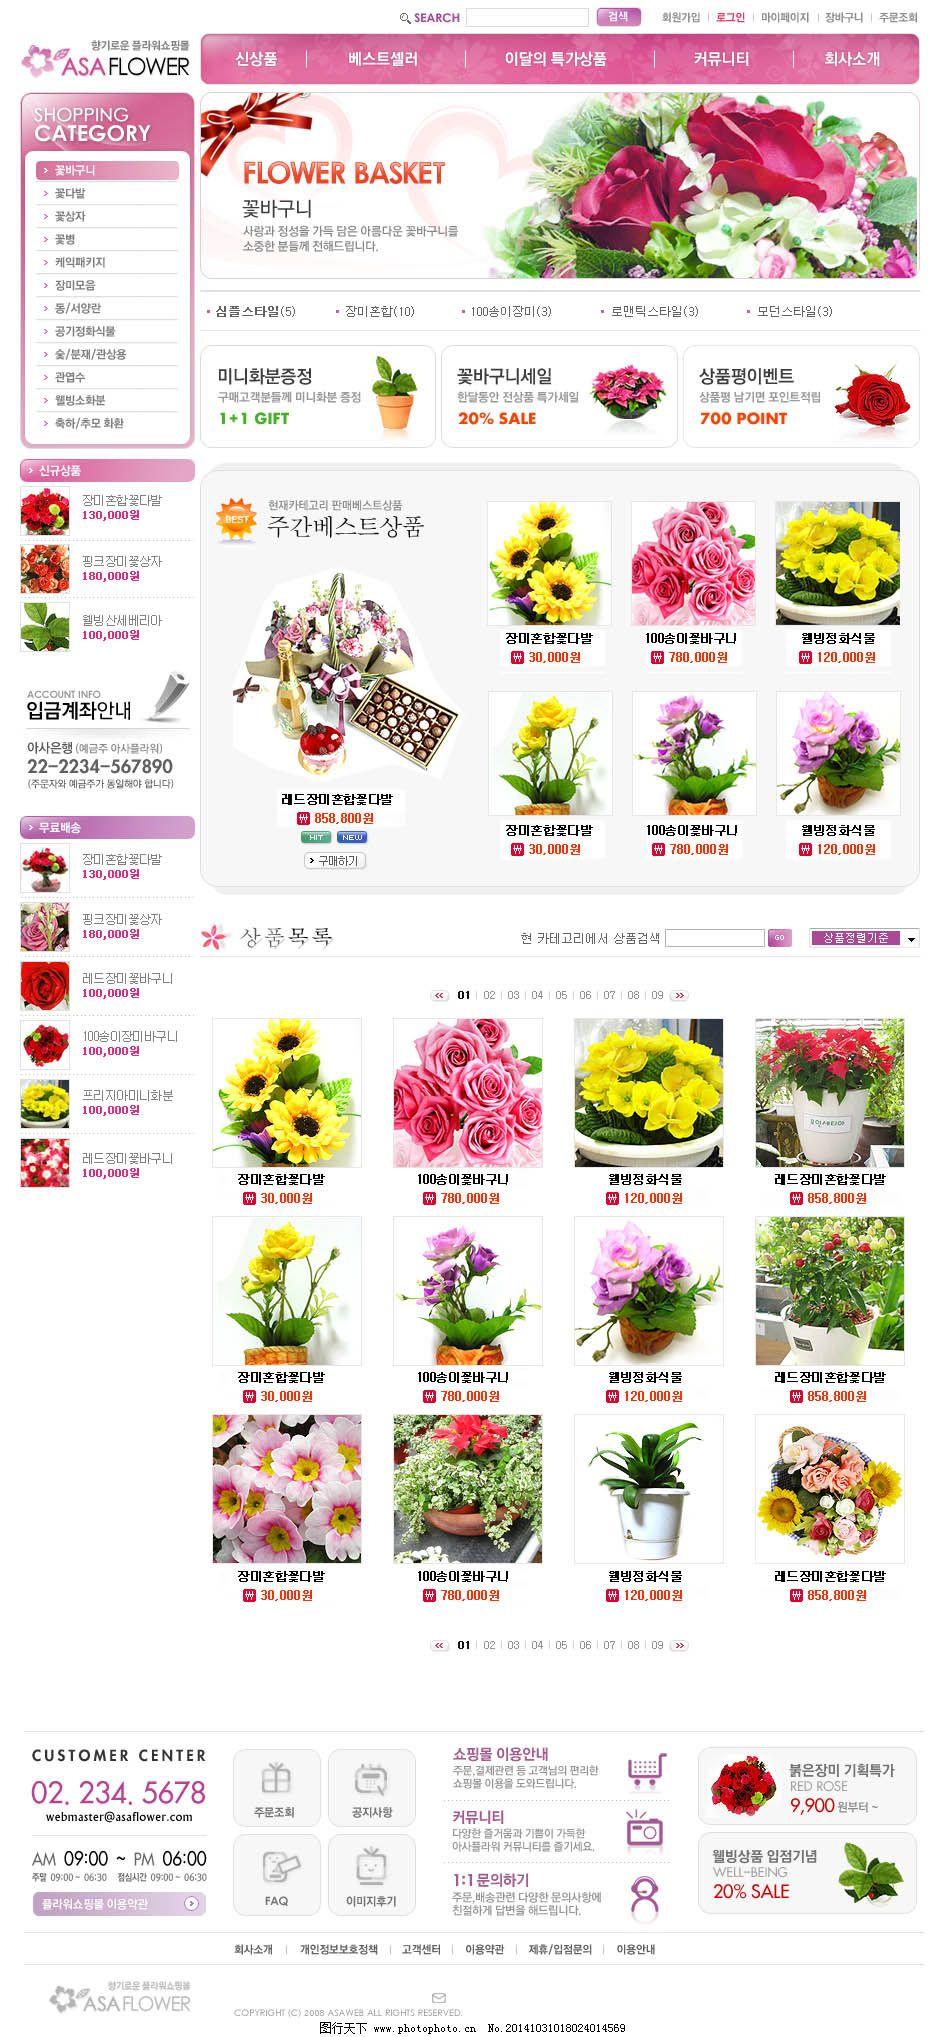 网页版式 网页界面 网页模板 网页设计 网站模板 鲜花网站 花店网店图片